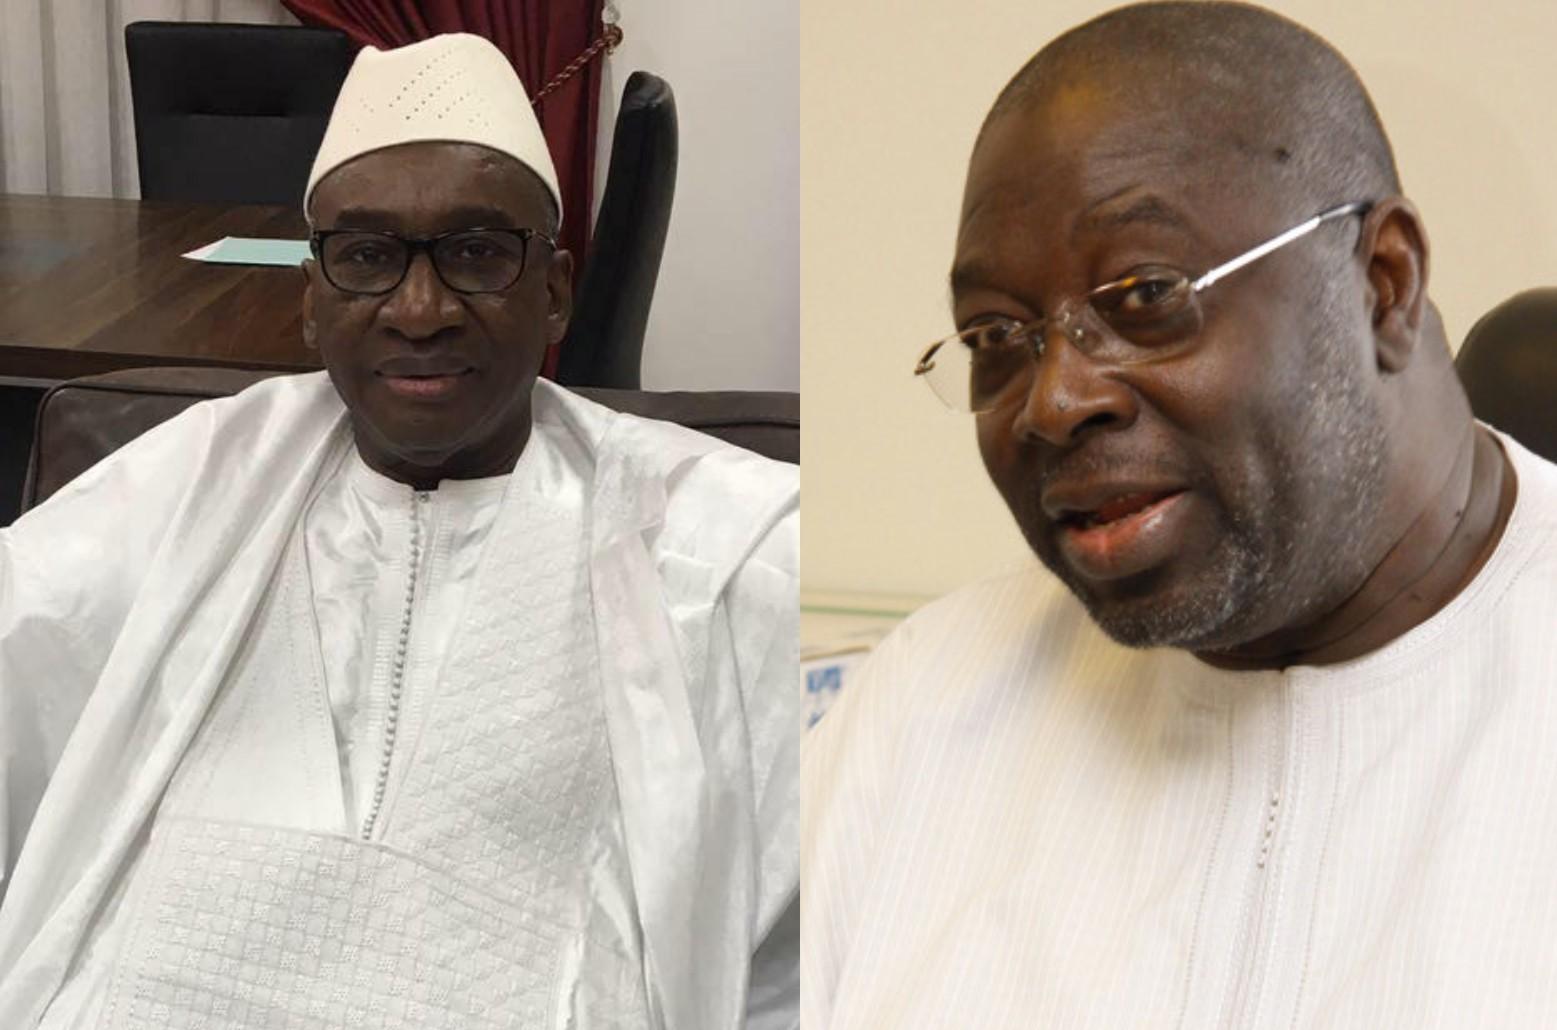 Décès de Babacar Touré : L'hommage posthume de Sidiki Kaba...